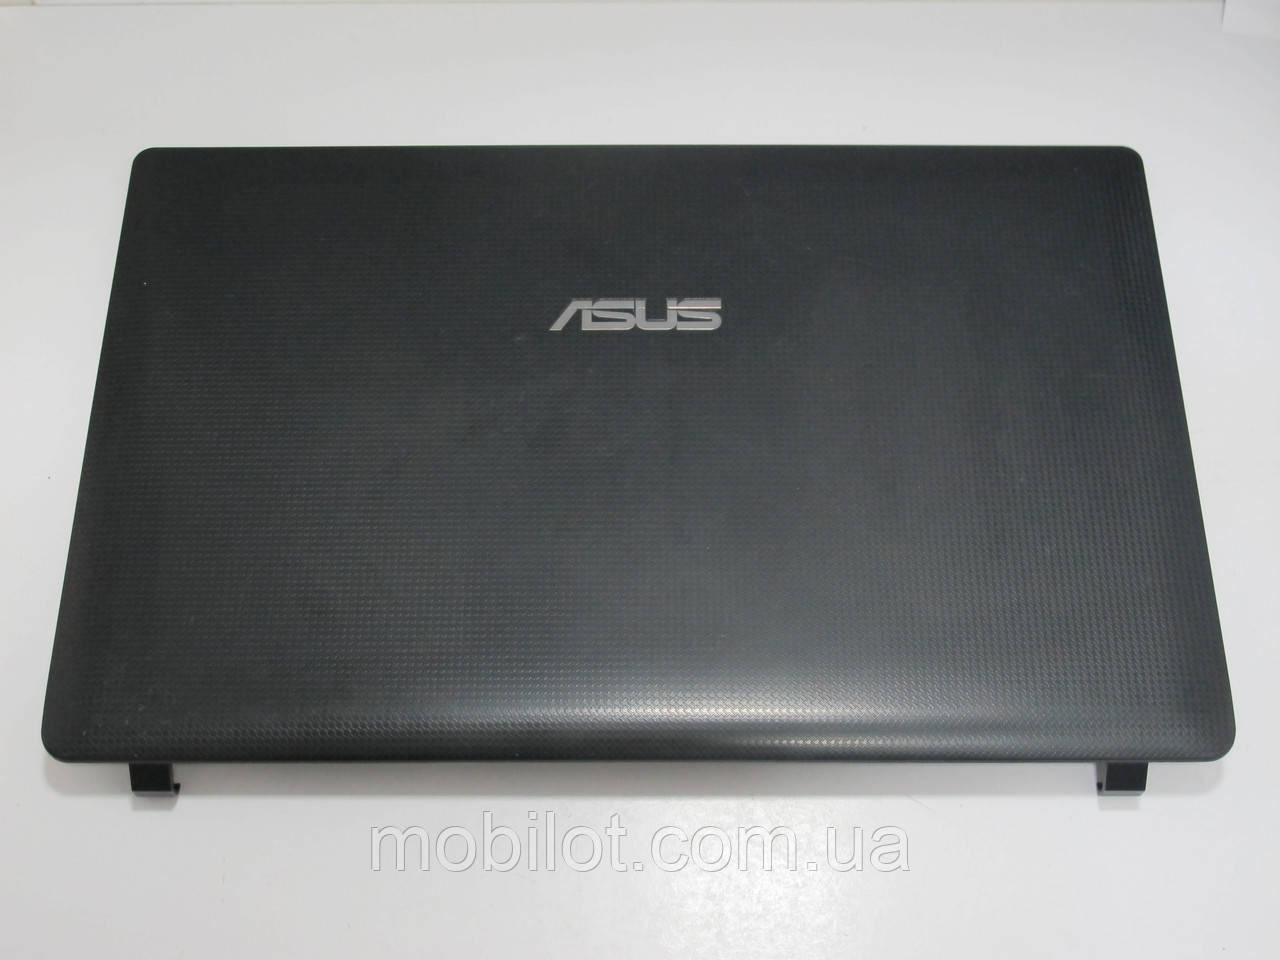 Корпус Asus X54 (NZ-6897)